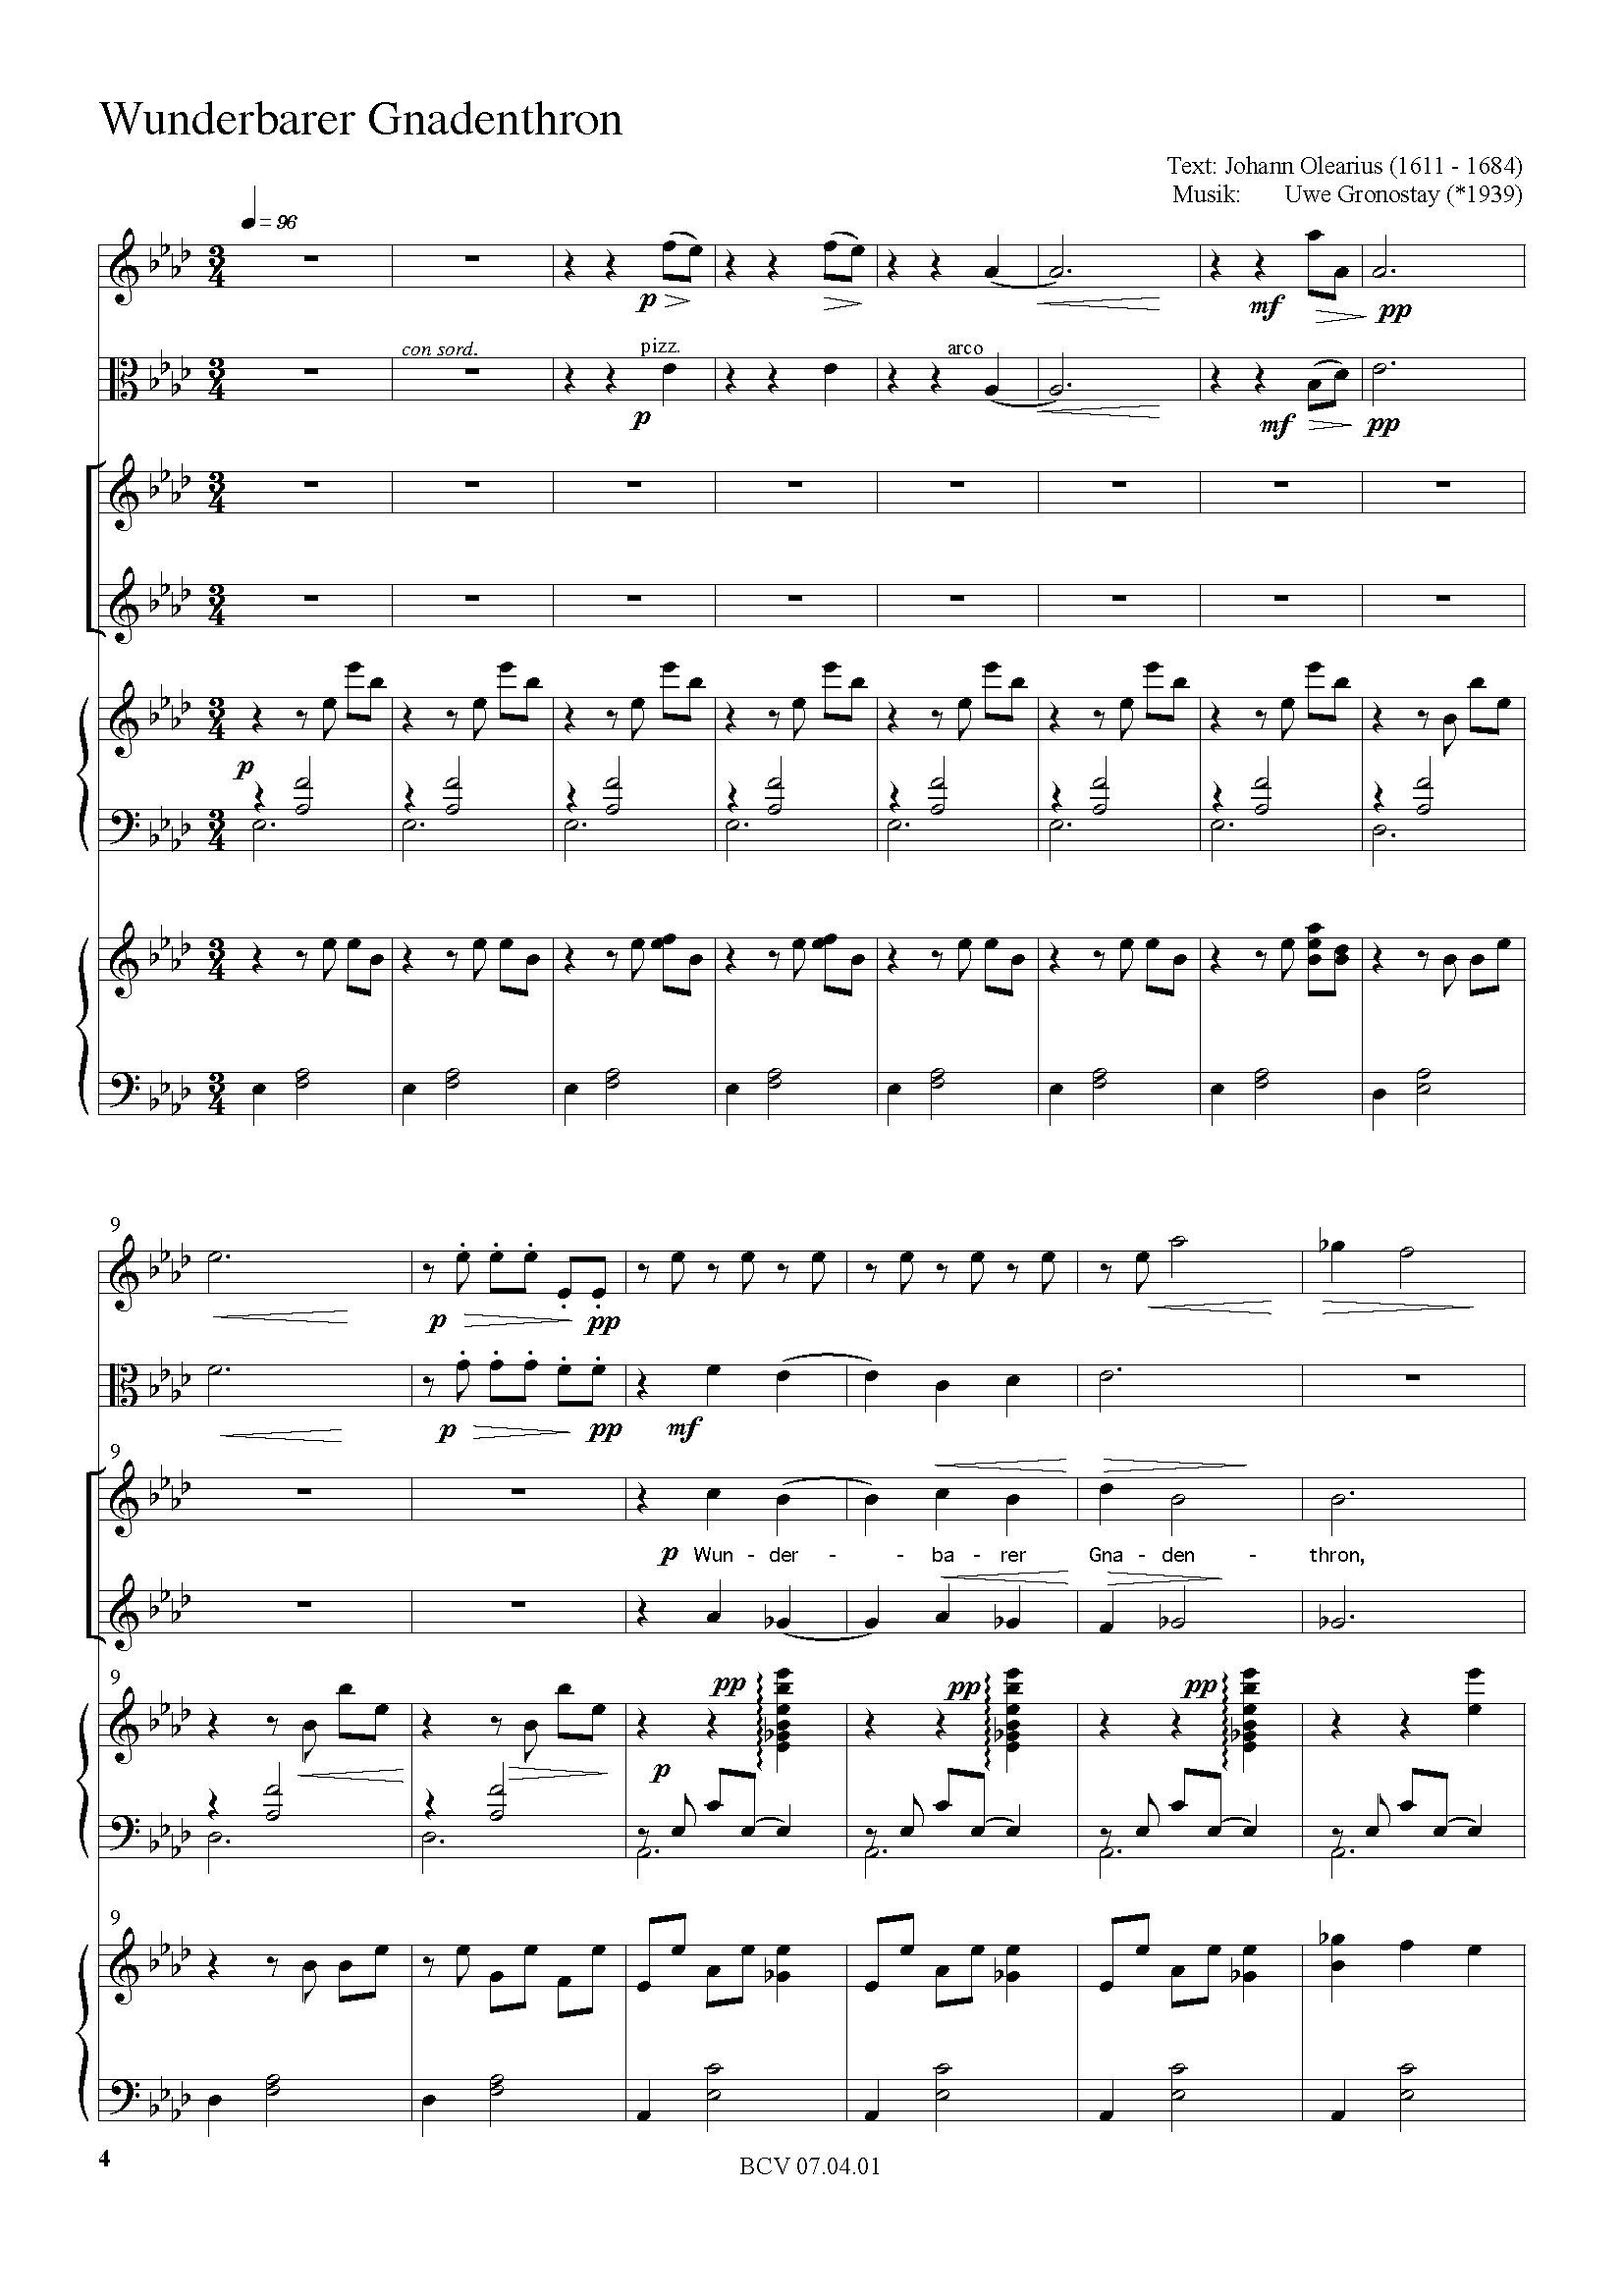 Weihnachtslieder Partitur.Vier Weihnachtslieder Partitur Edition Sonat Verlag